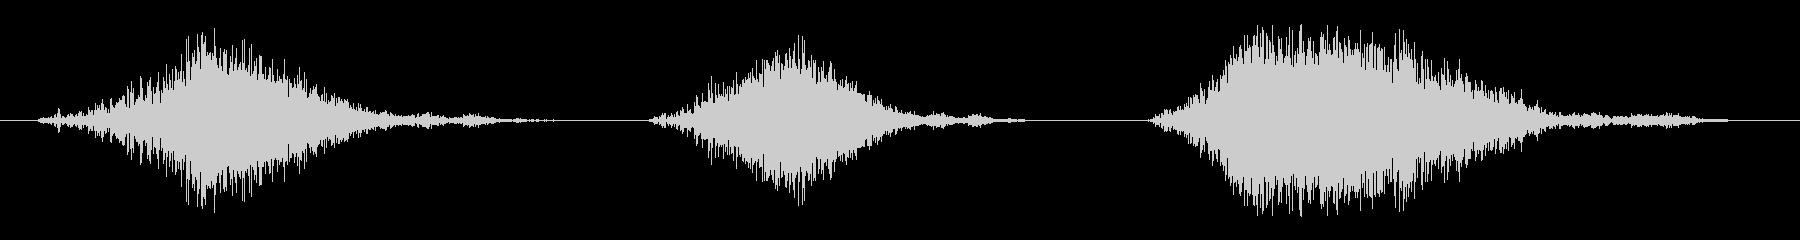 いくつかの遅いライオンのar音の要素の未再生の波形